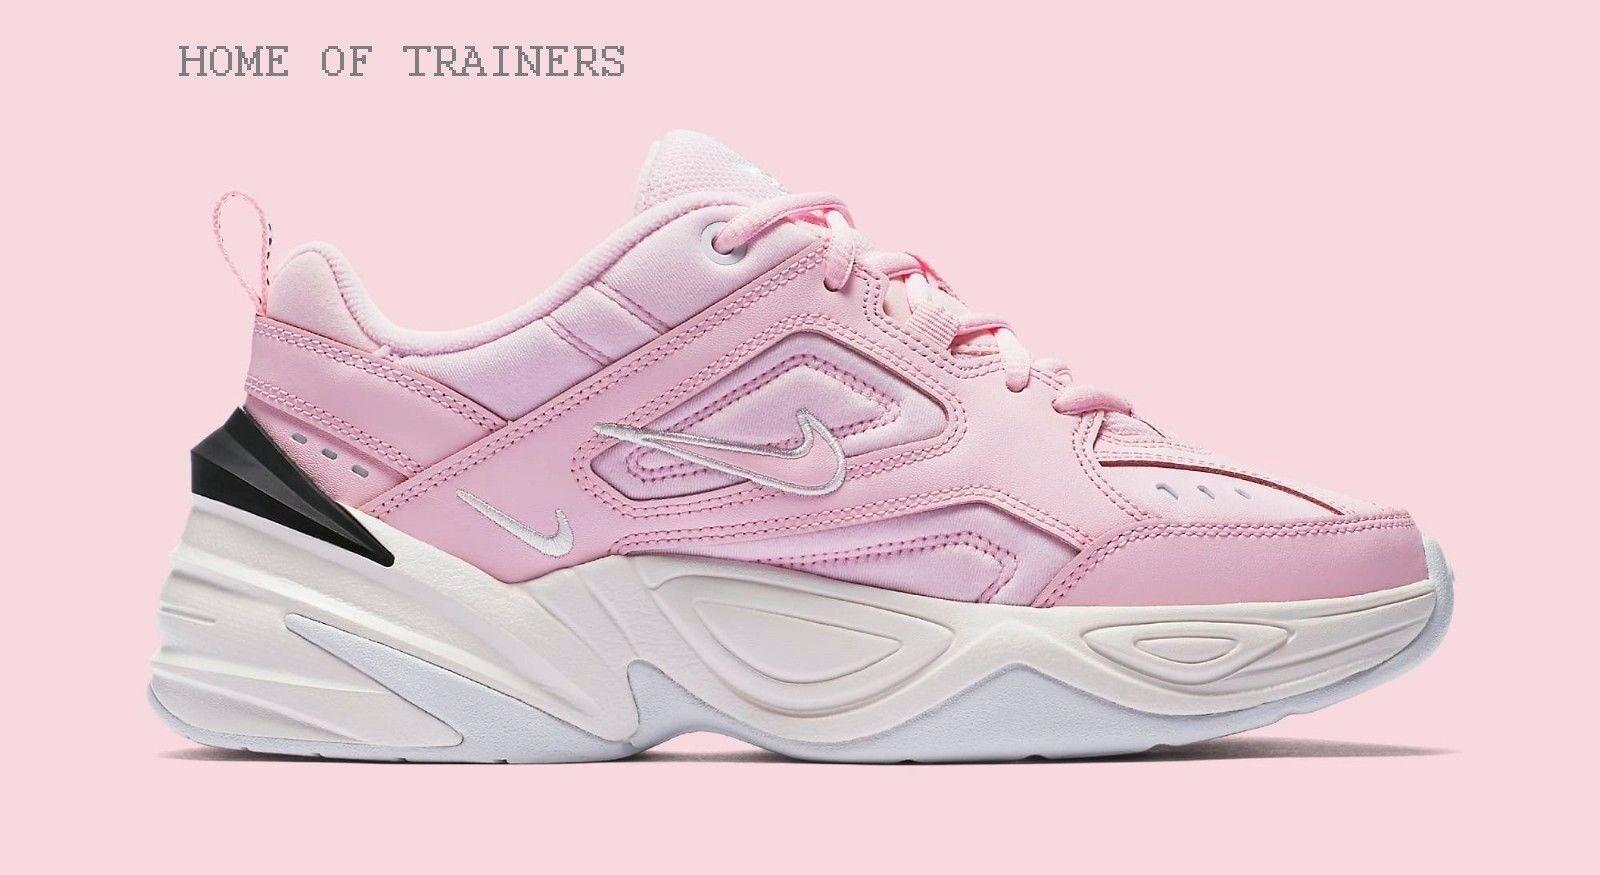 Nike m2K Tekno Rosa Schaum Mädchen Frauen Frauen Frauen Turnschuhe Alle Größen dfe4b8